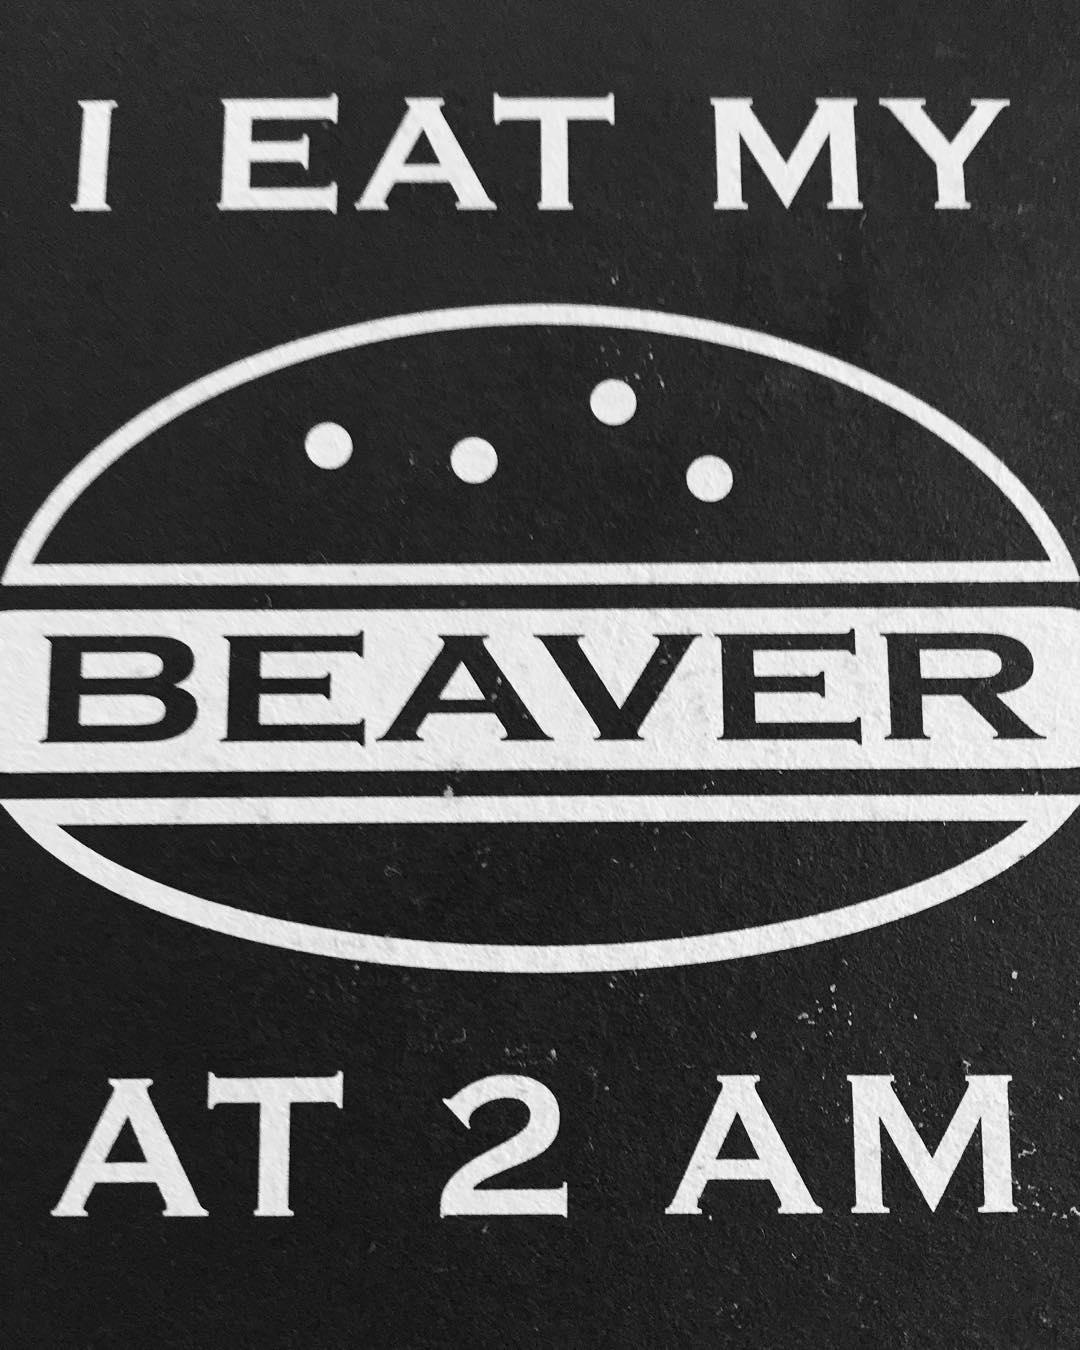 When do you eat your beaver?